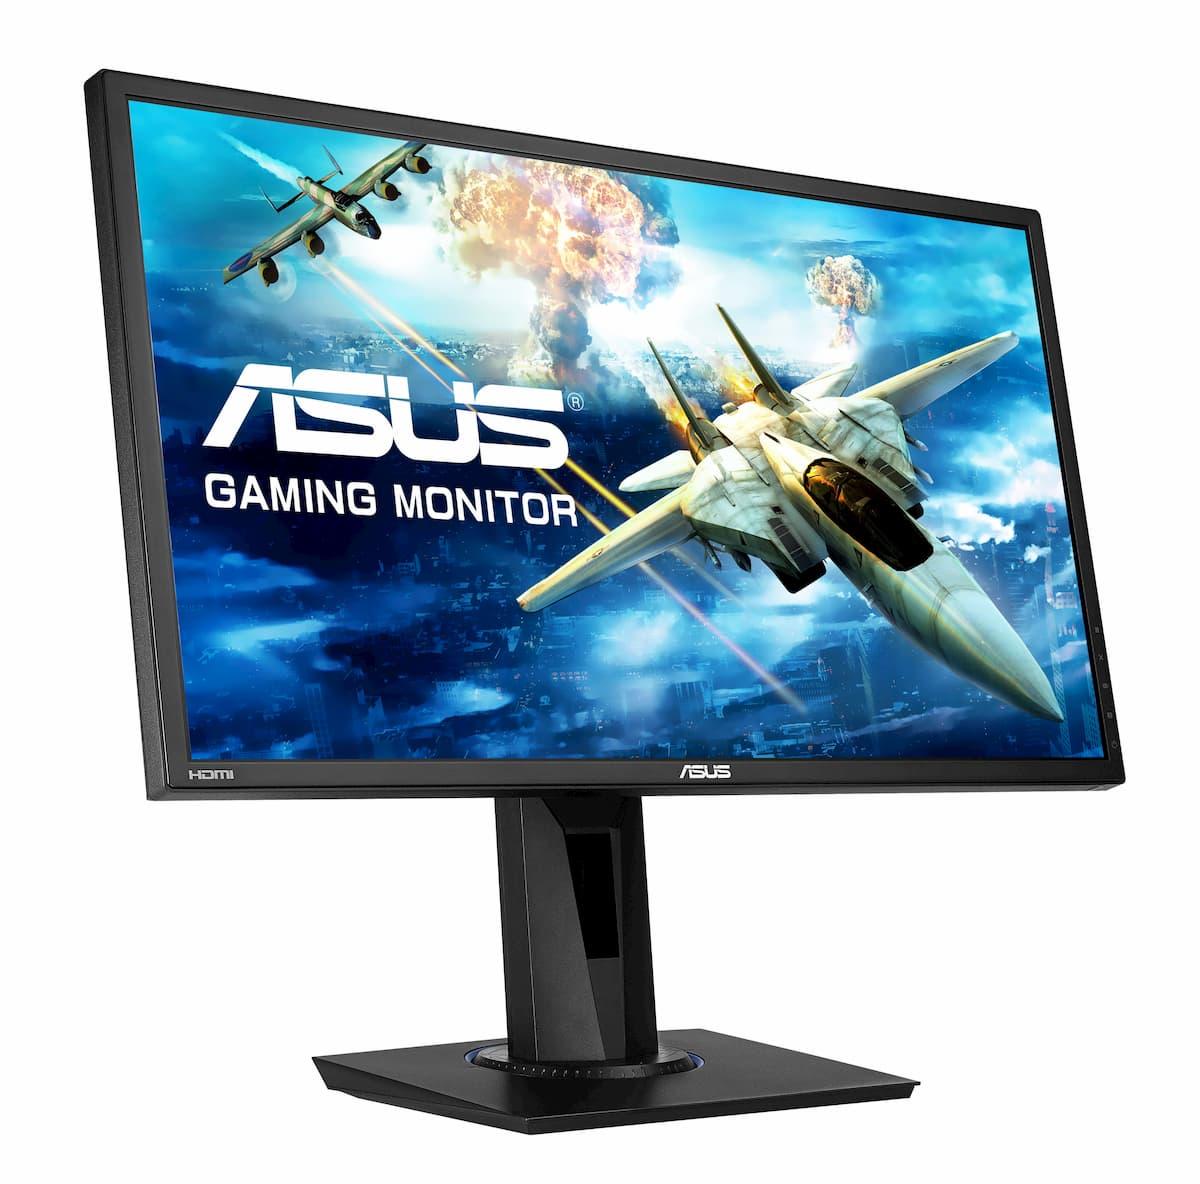 ASUS VG245H コンソールゲーミング液晶ディスプレイ